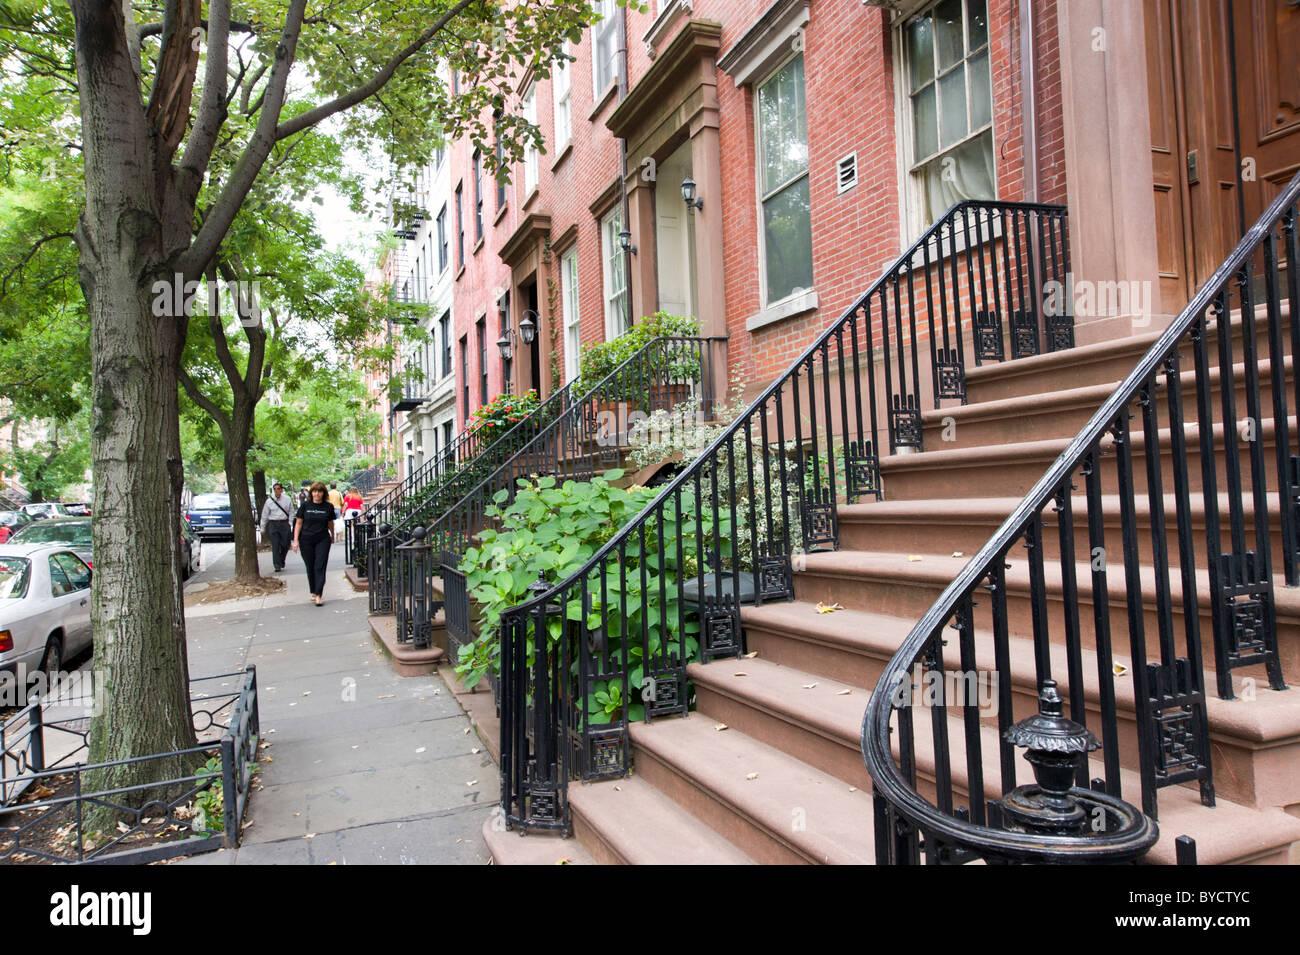 Rue résidentielle à Chelsea, New York City, États-Unis d'Amérique Photo Stock